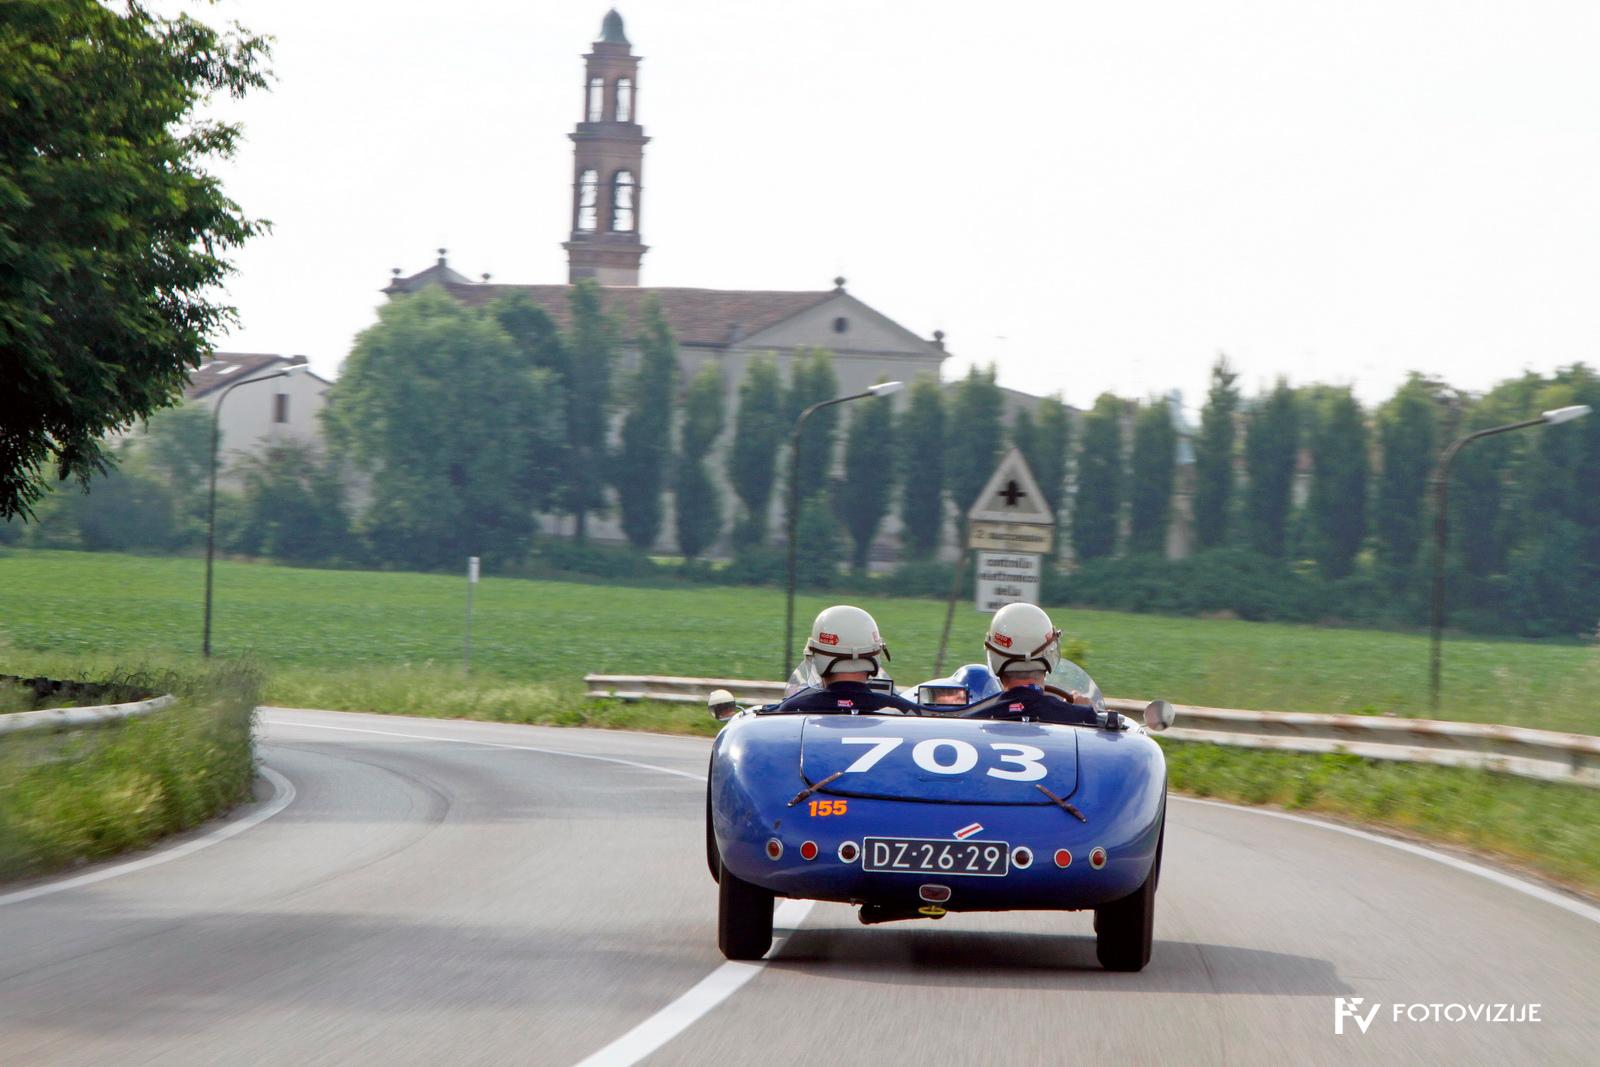 Tipičen pogled z dirke - prepoznavno italijanska krajina starodobnik in nič kaj počasna vožnja.